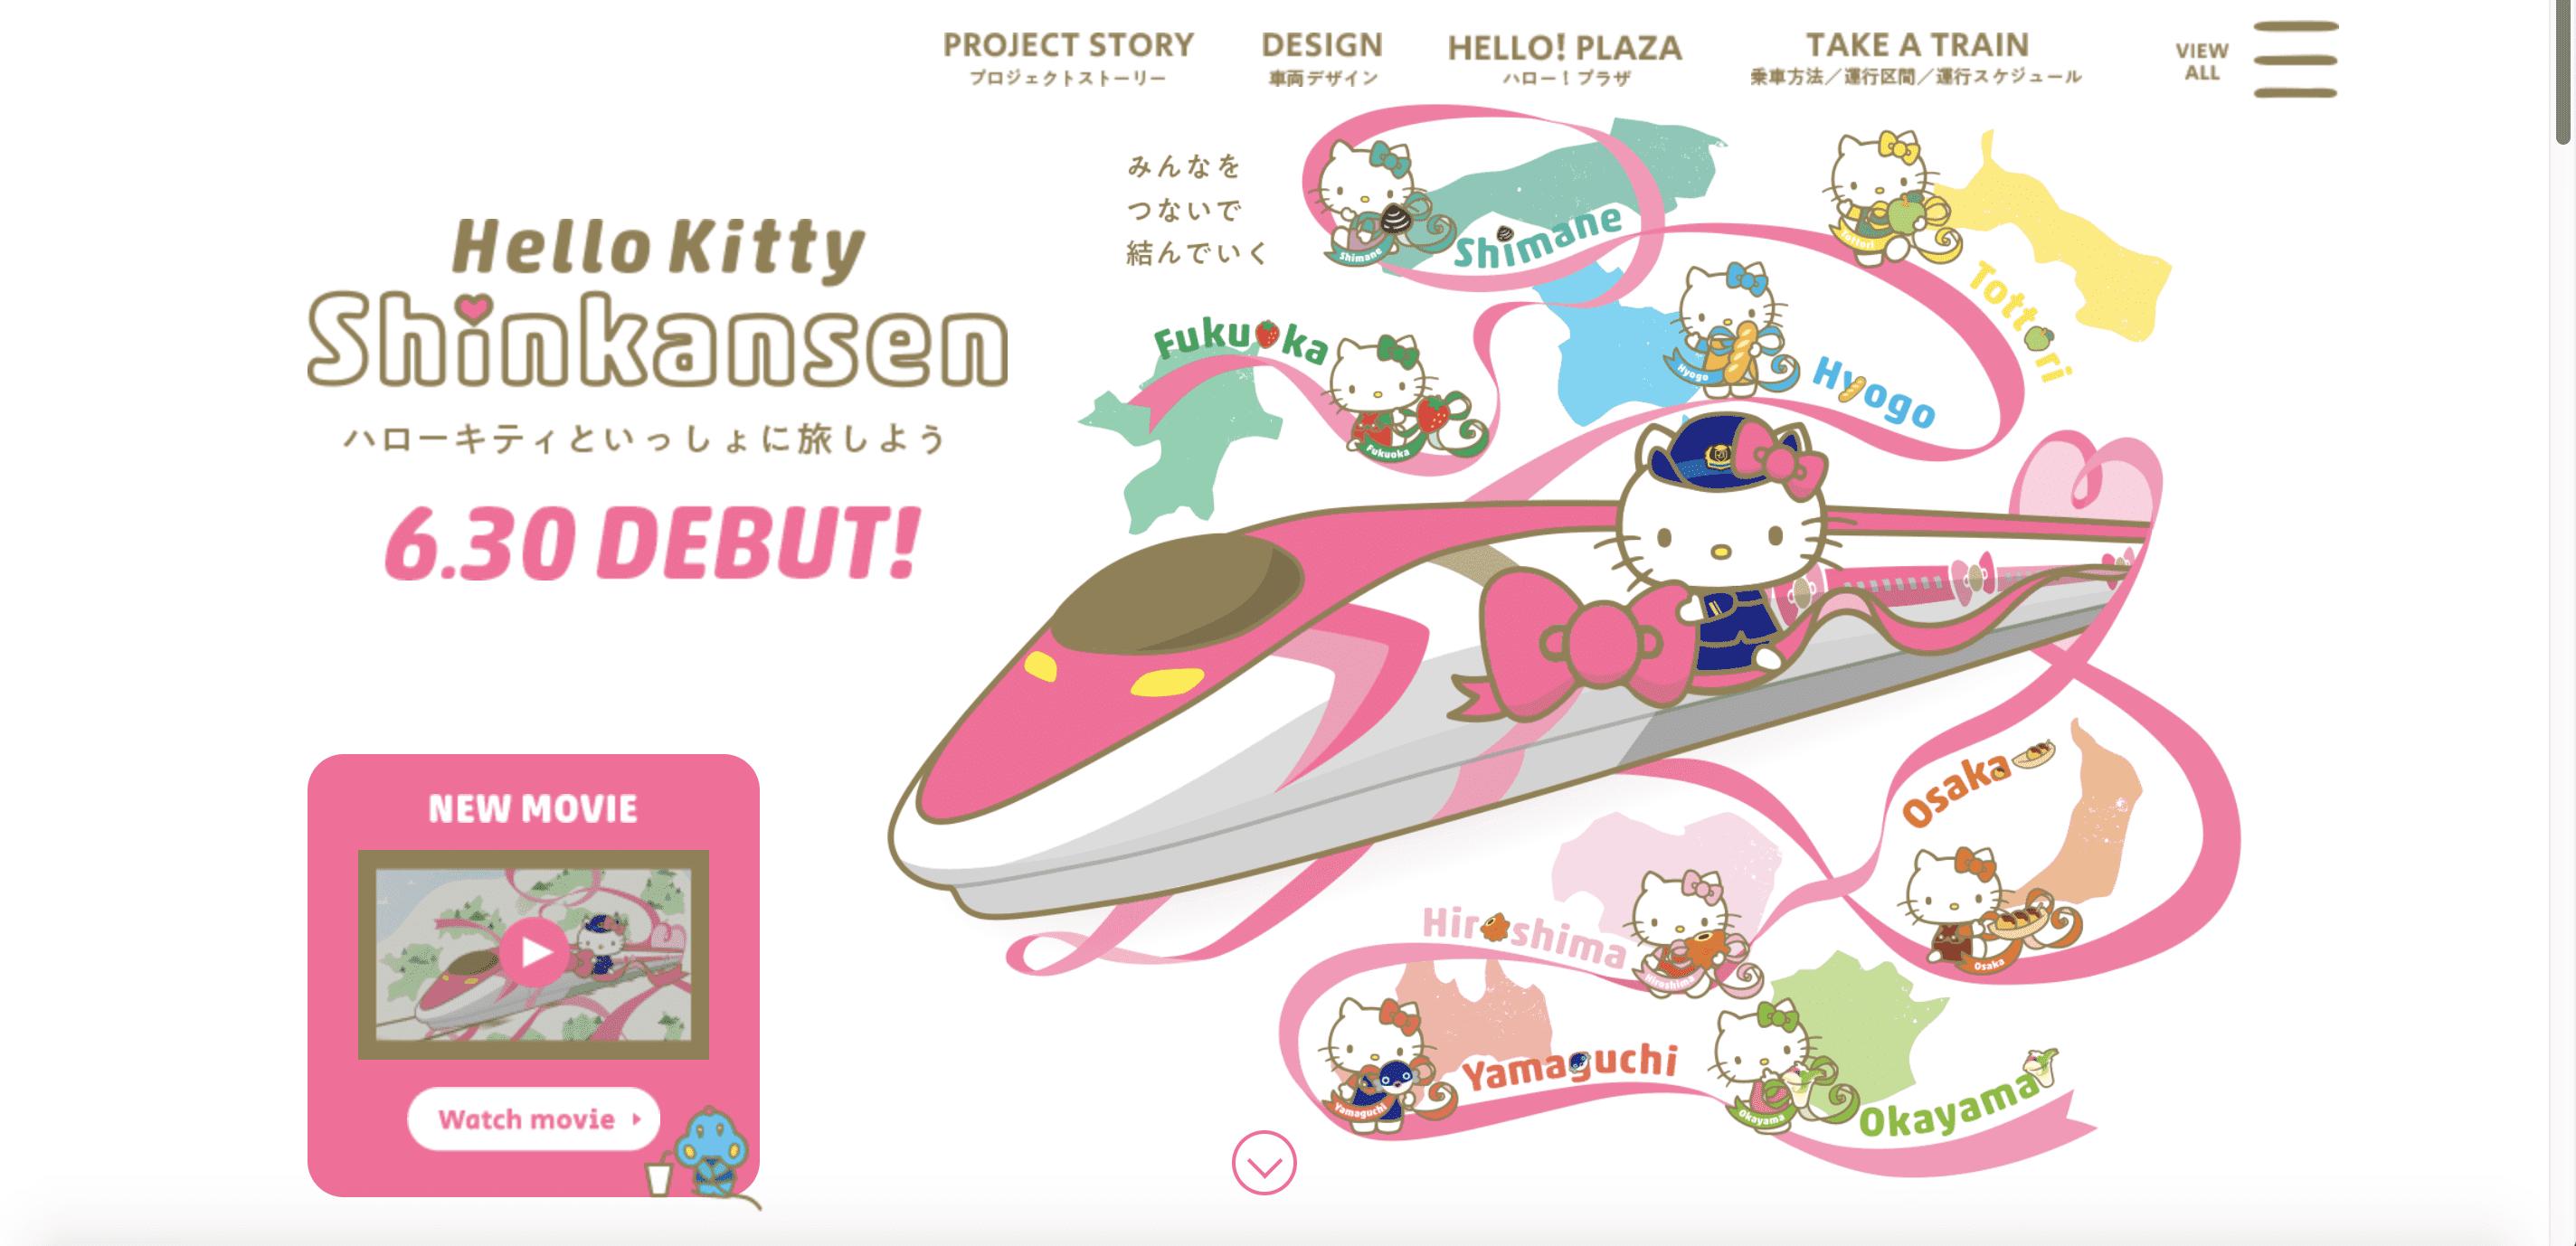 網站近期文章:Hello Kitty新幹線即將登場!2018.6.30起往回博多~新大阪區間~西日本旅客鐵道重力出擊!